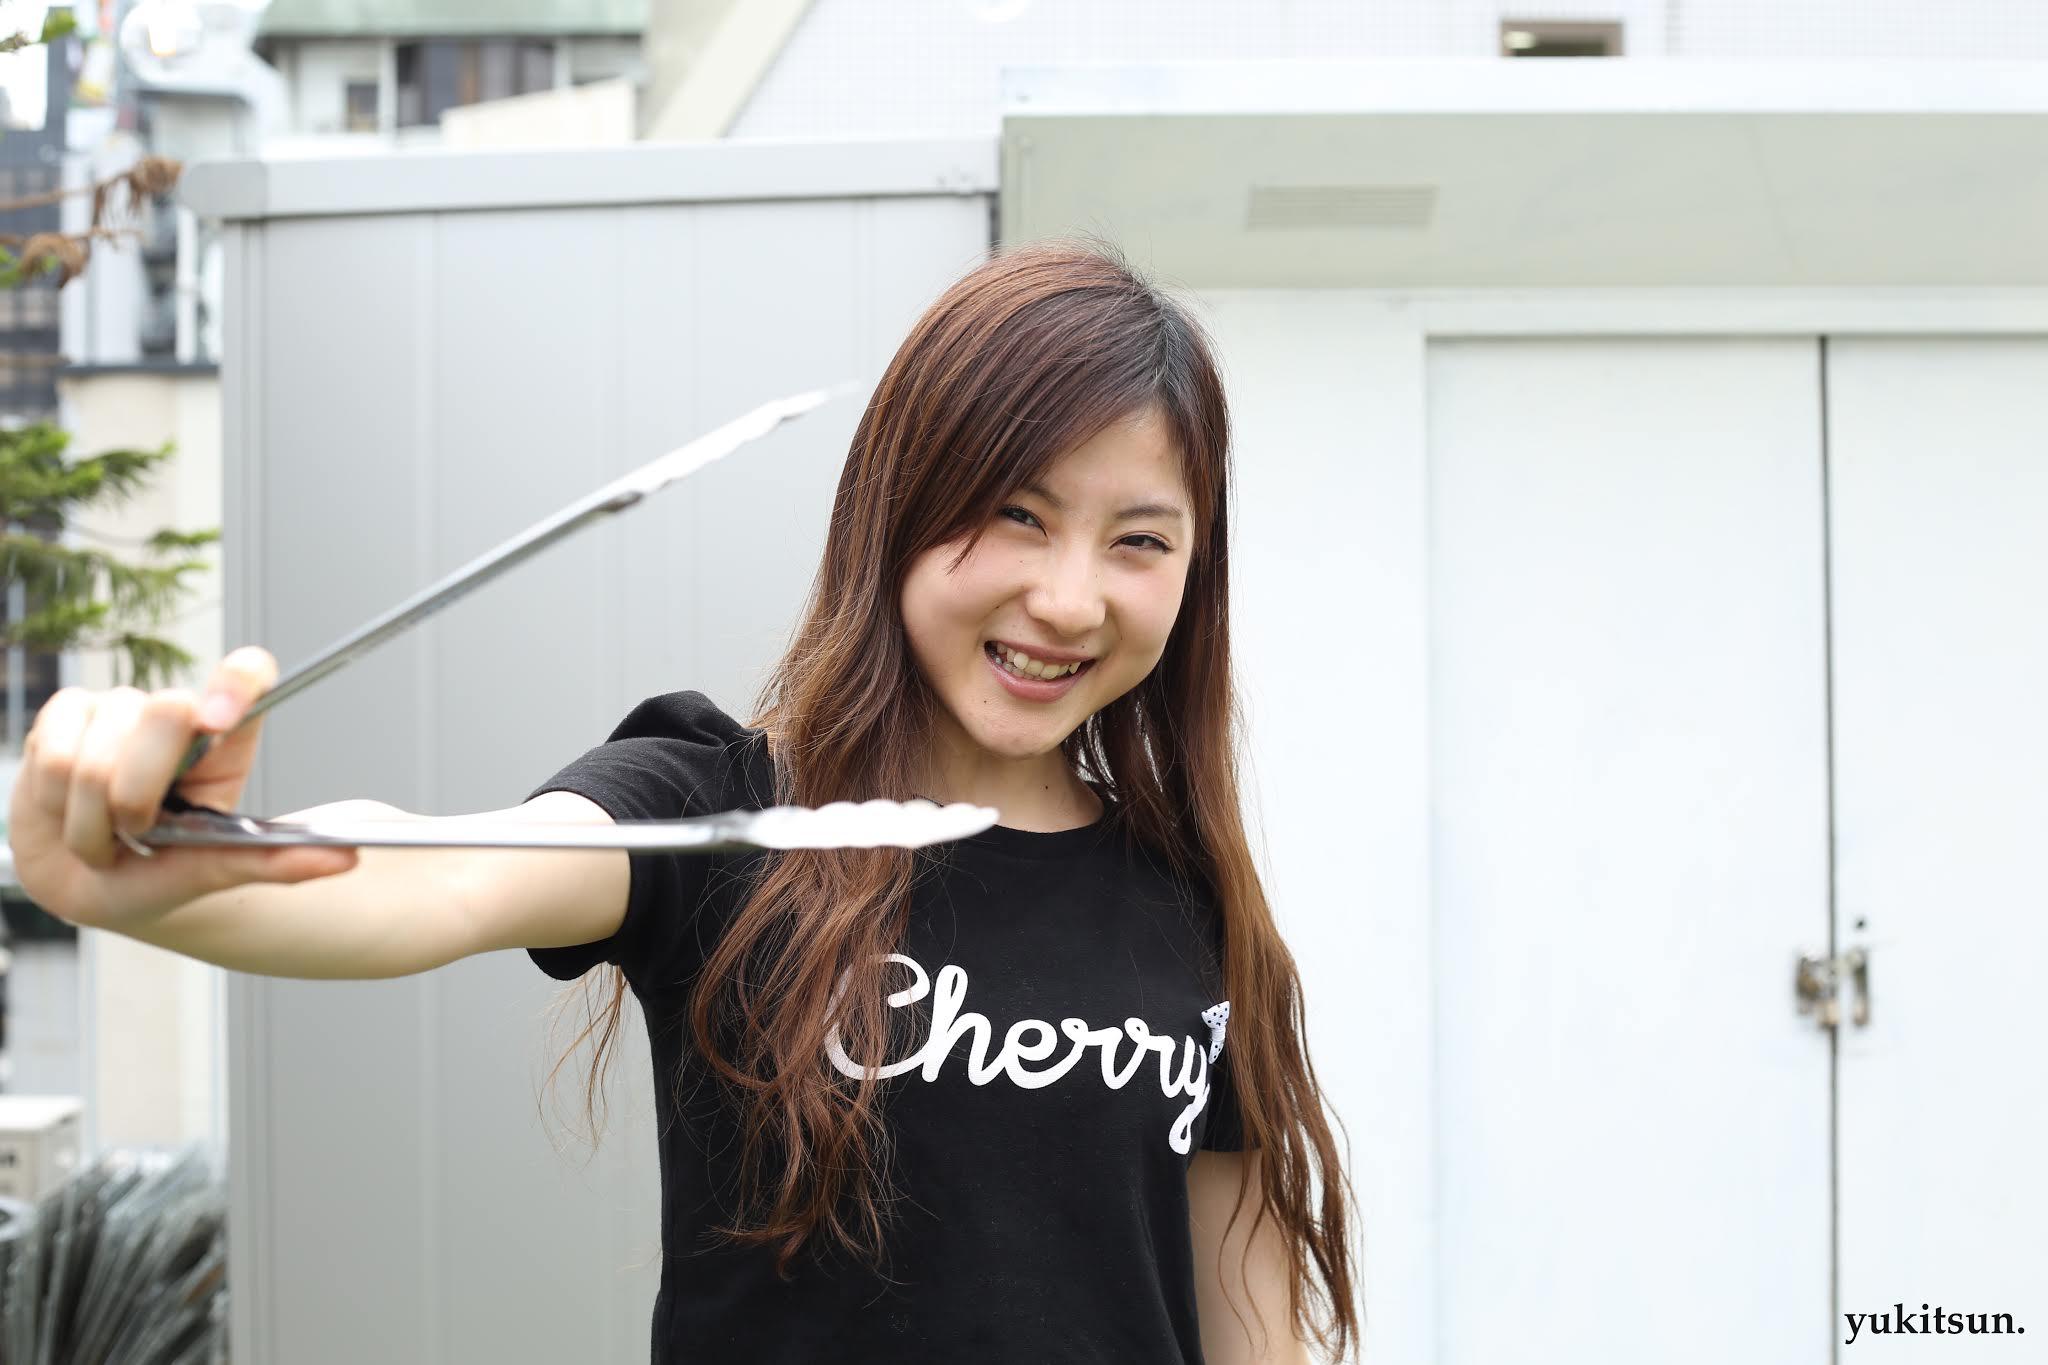 shioncha-96